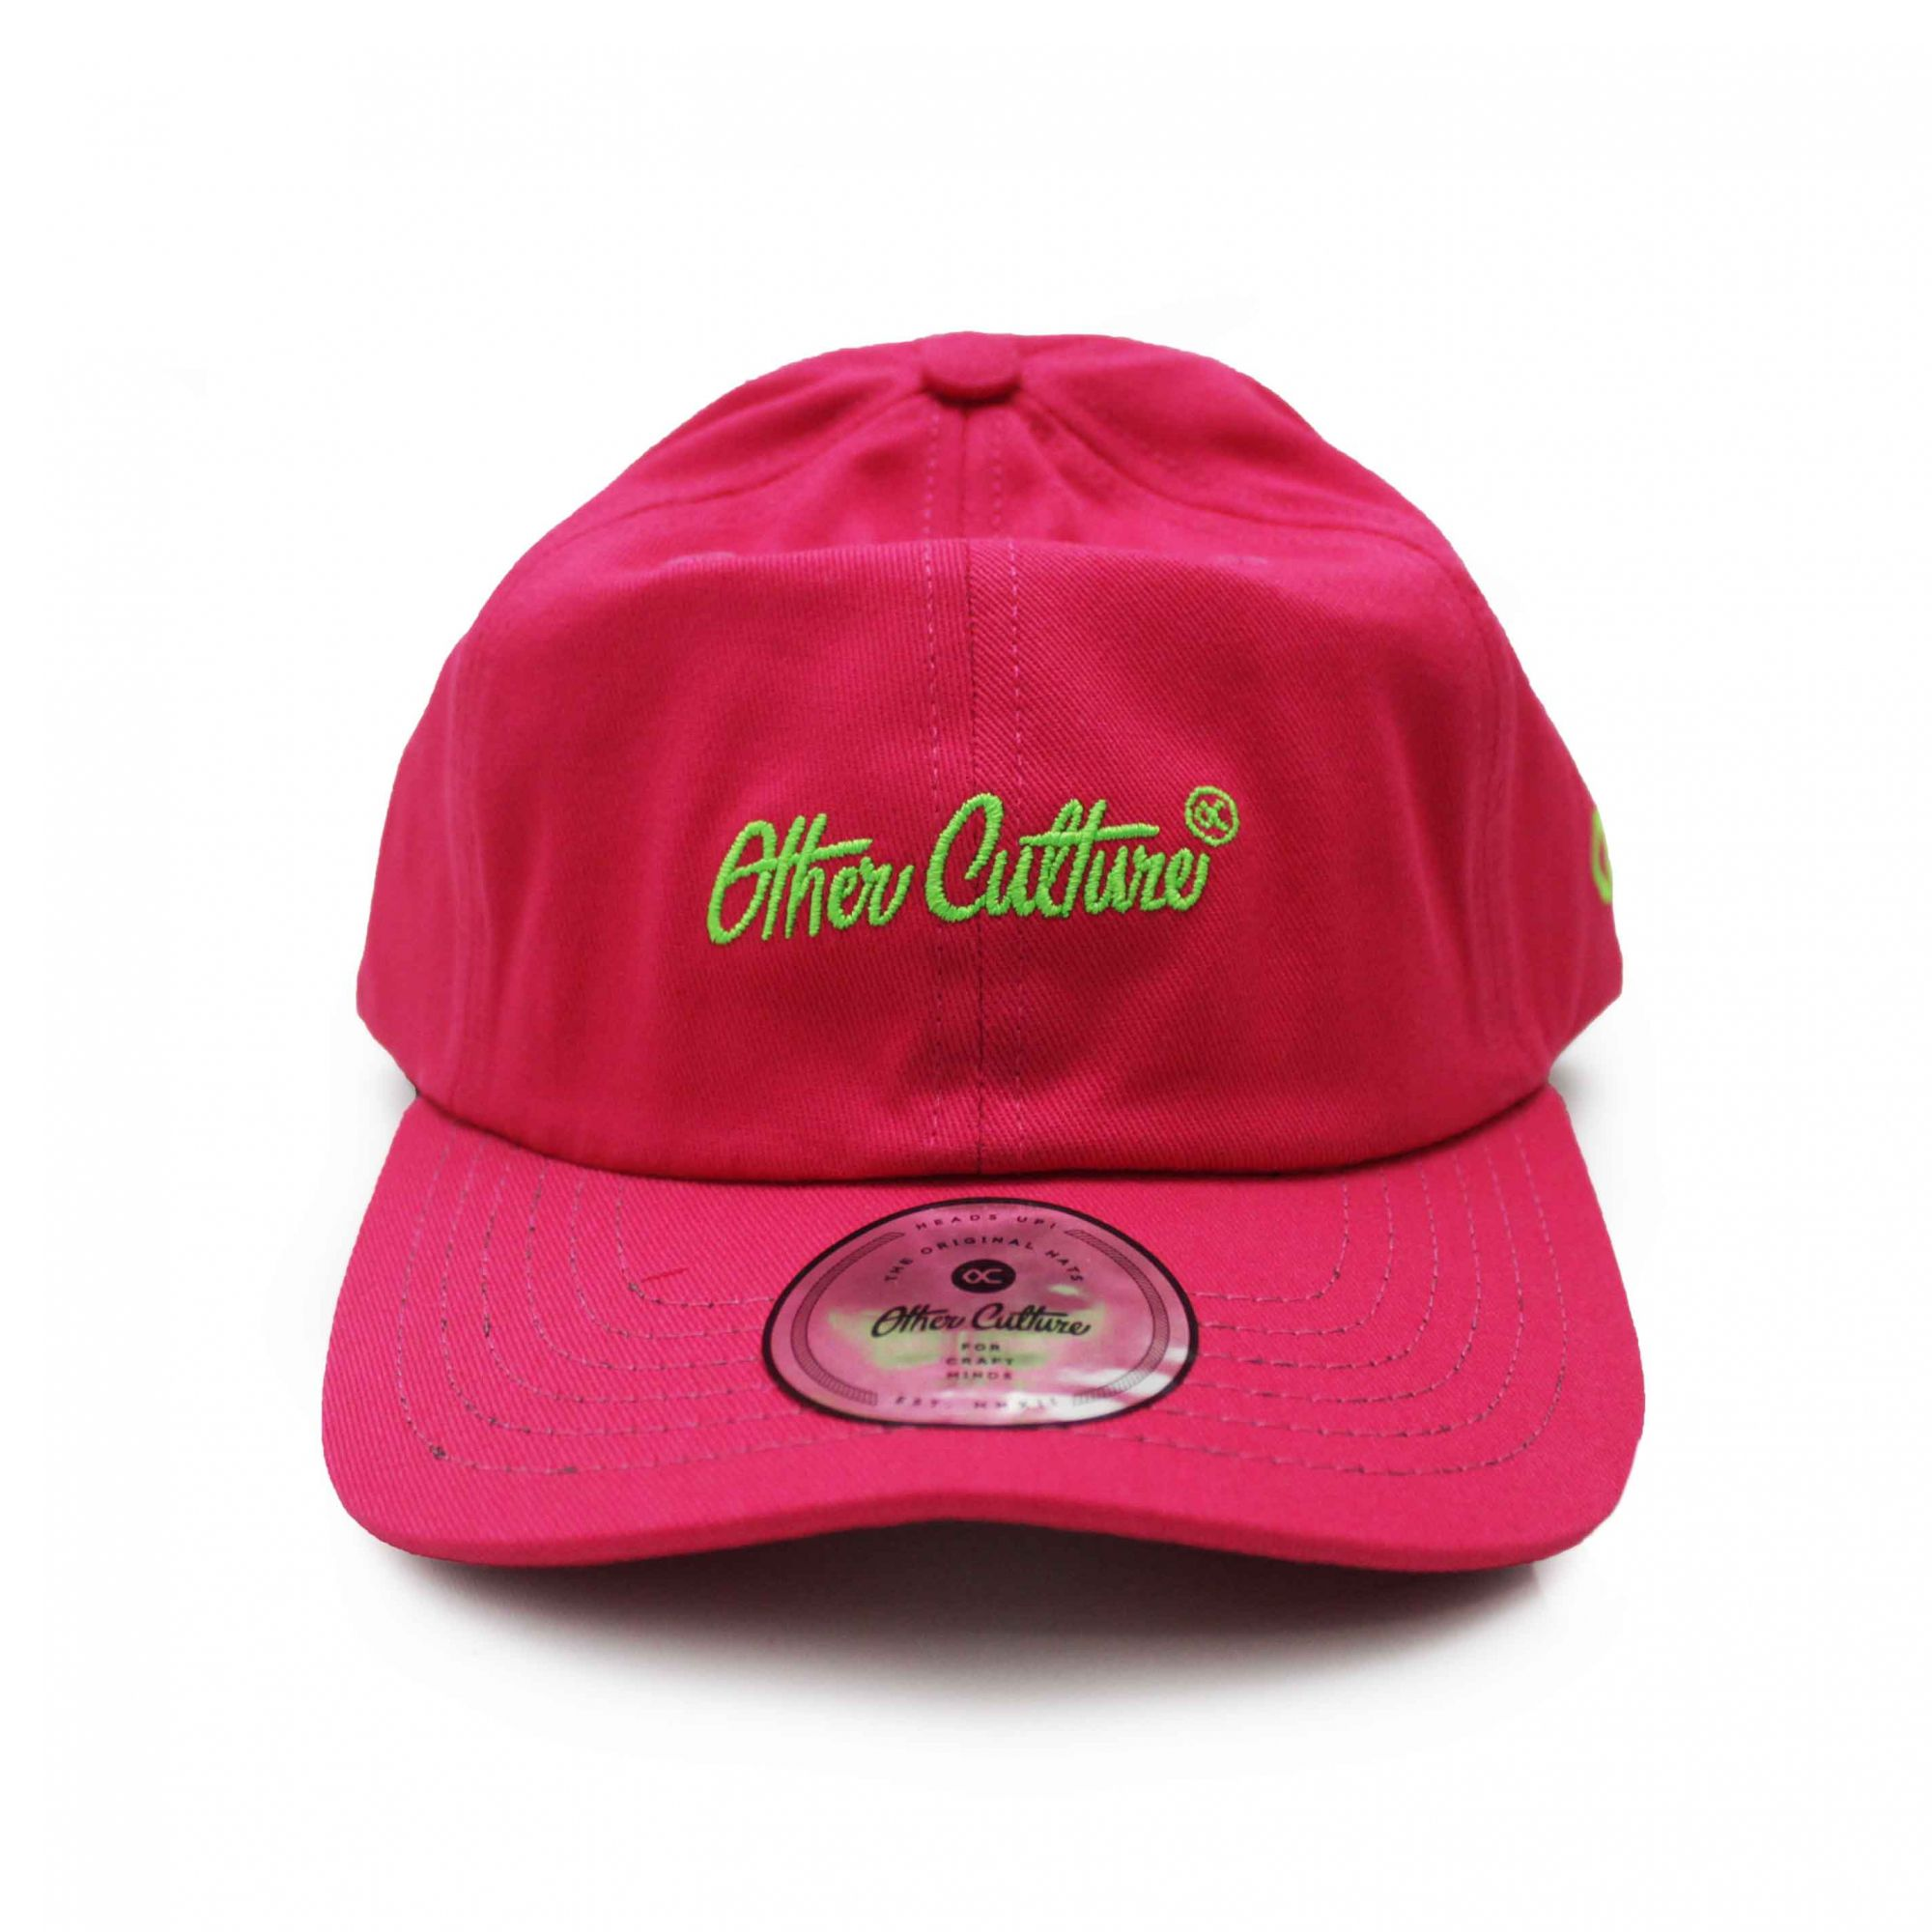 Boné Other Culture Dad Hat Basic Signature Rosa Neon